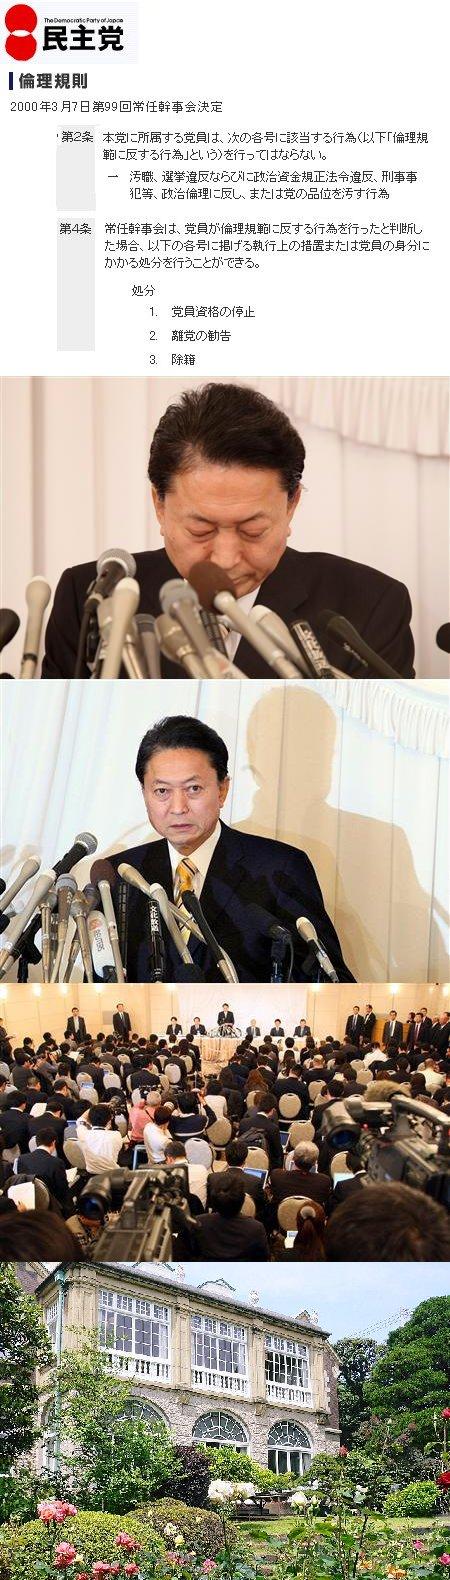 鳩山会見_z